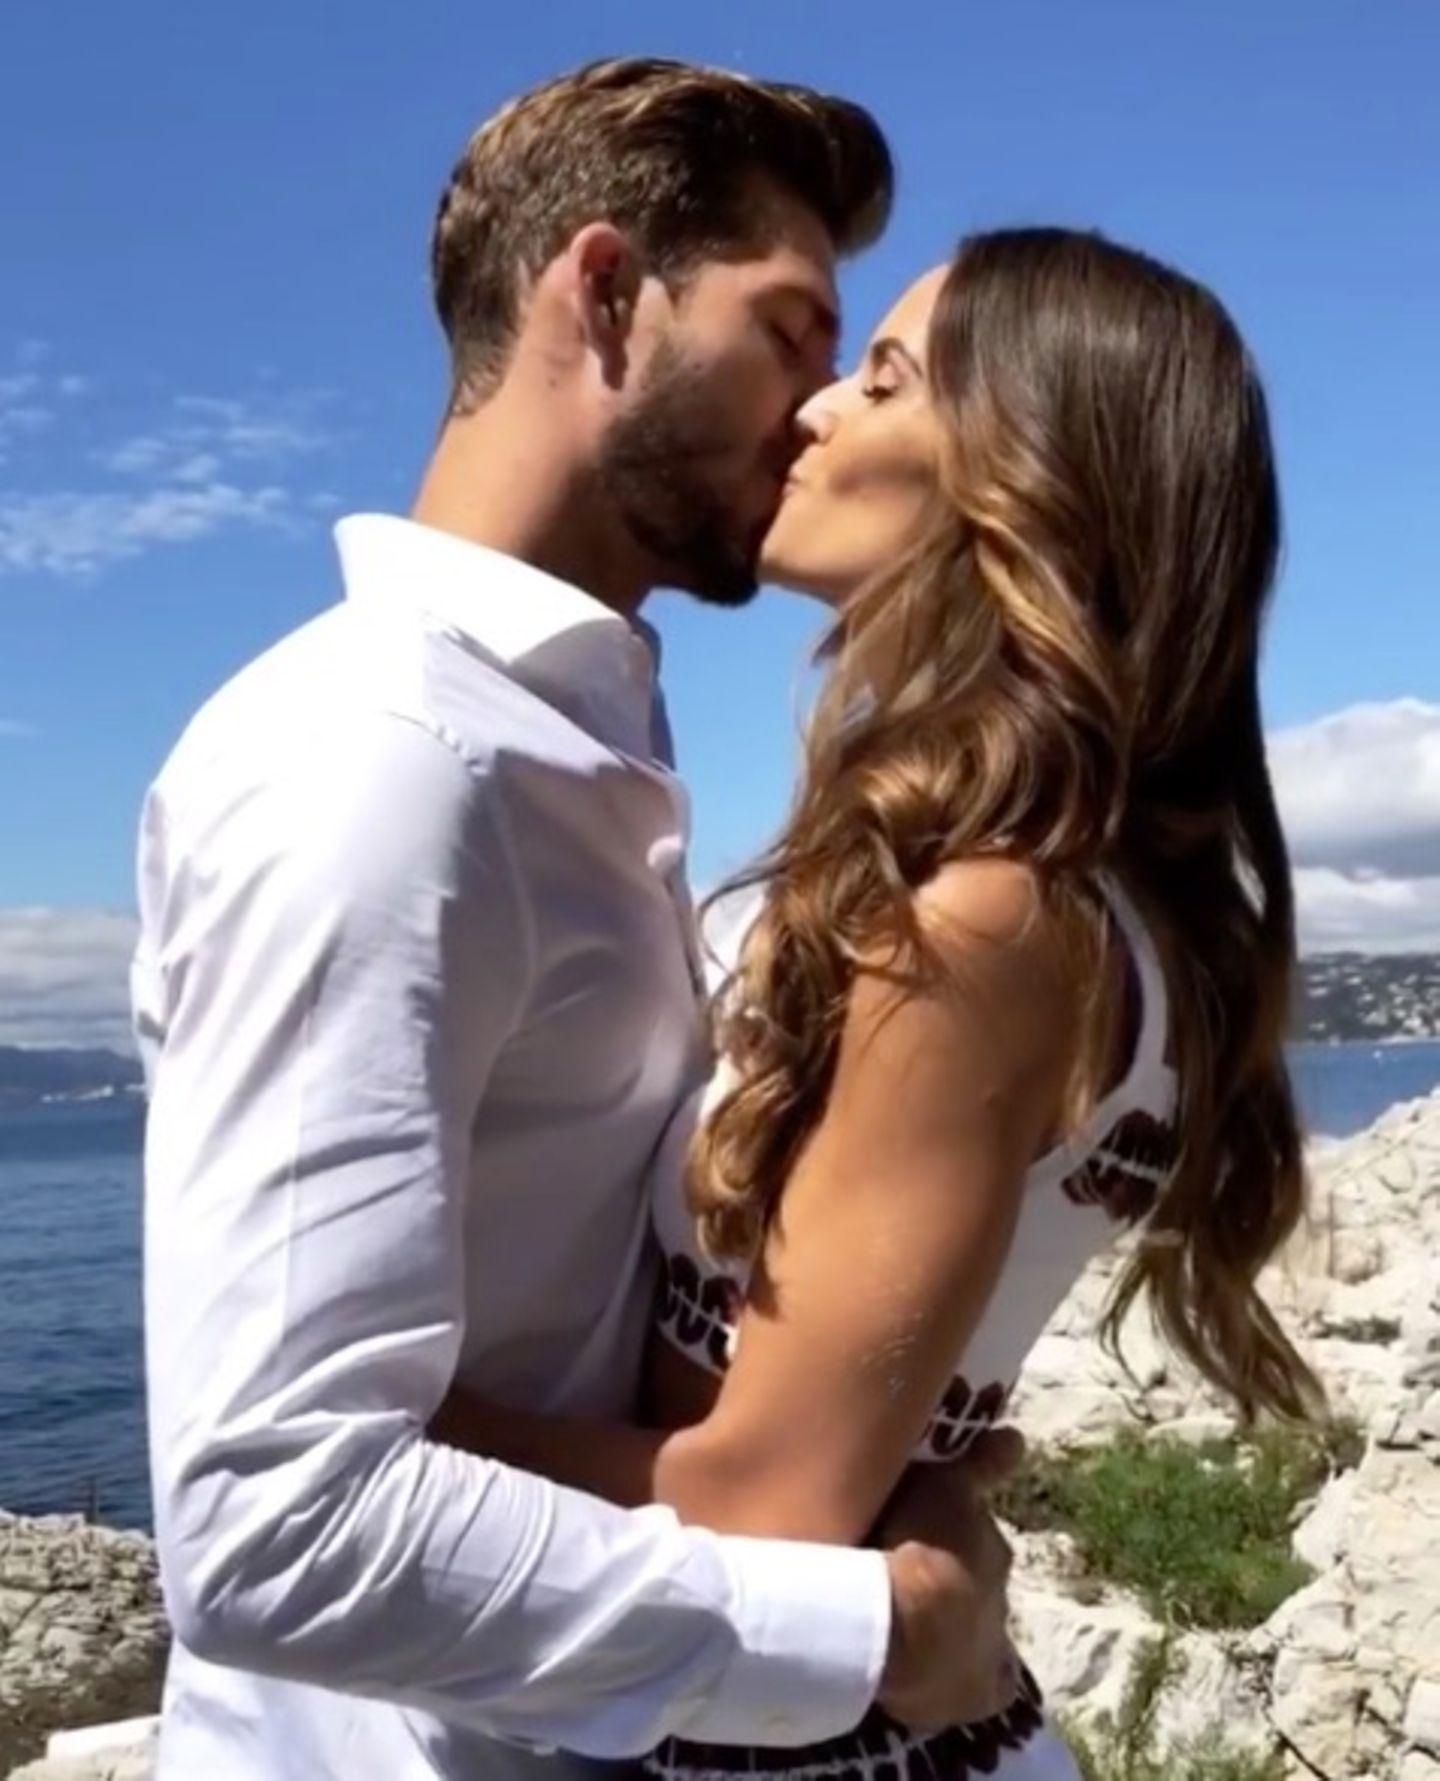 ... und verkündet ihre Verlobung in einem kurzen Clip auf Instagram. Der deutscheProfi-Fußballer Kevin Trapp hat dem Model im Urlaub einen Antrag gemacht.